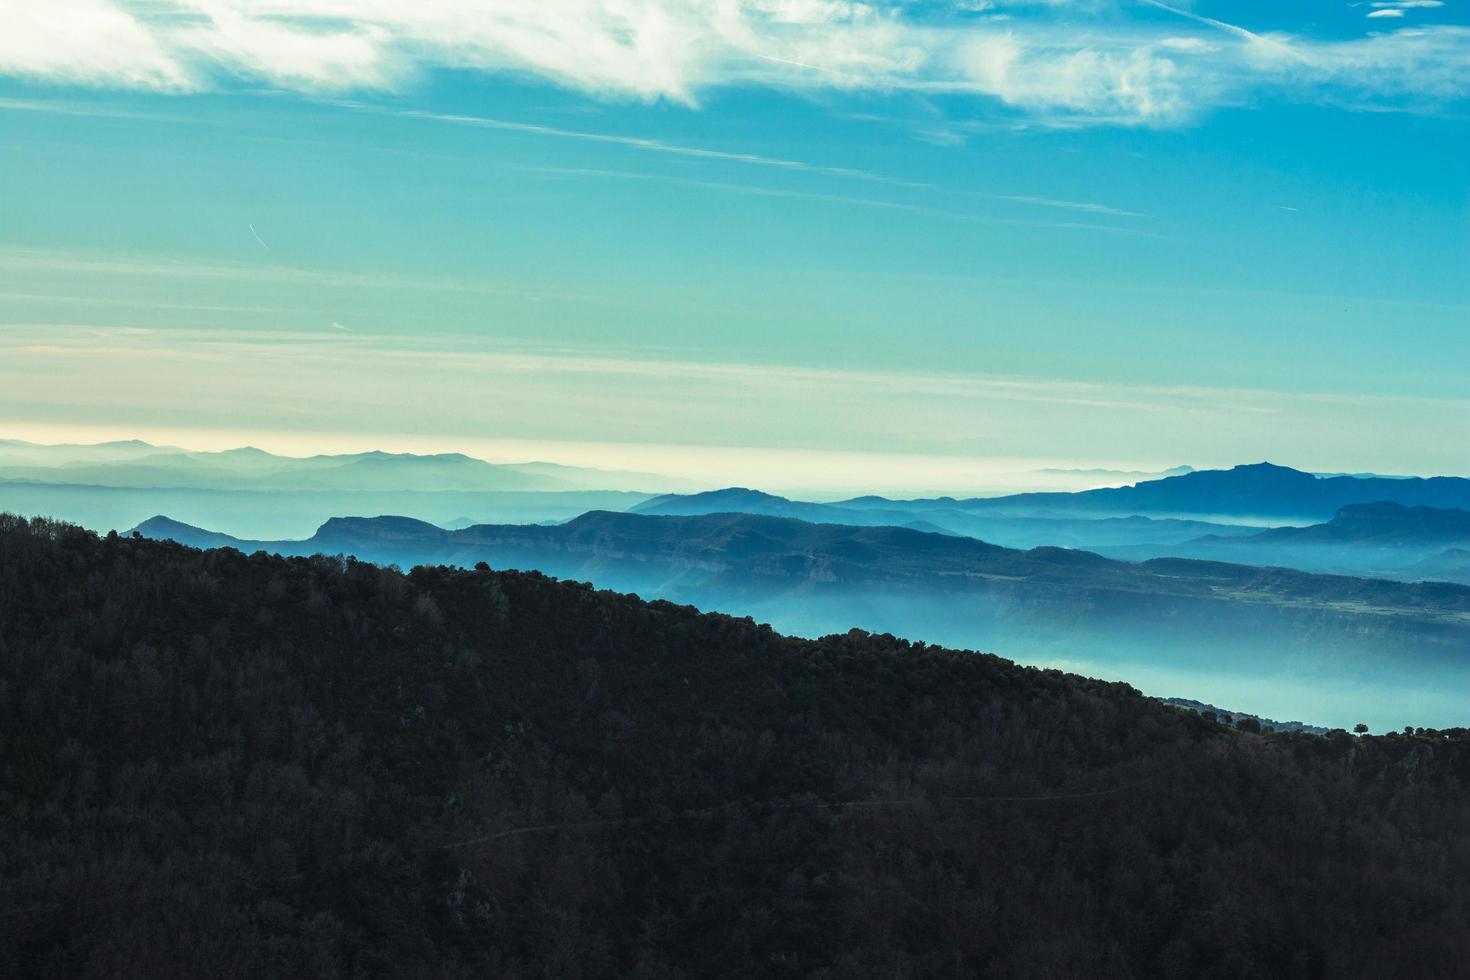 vista aérea de montanhas e nuvens foto